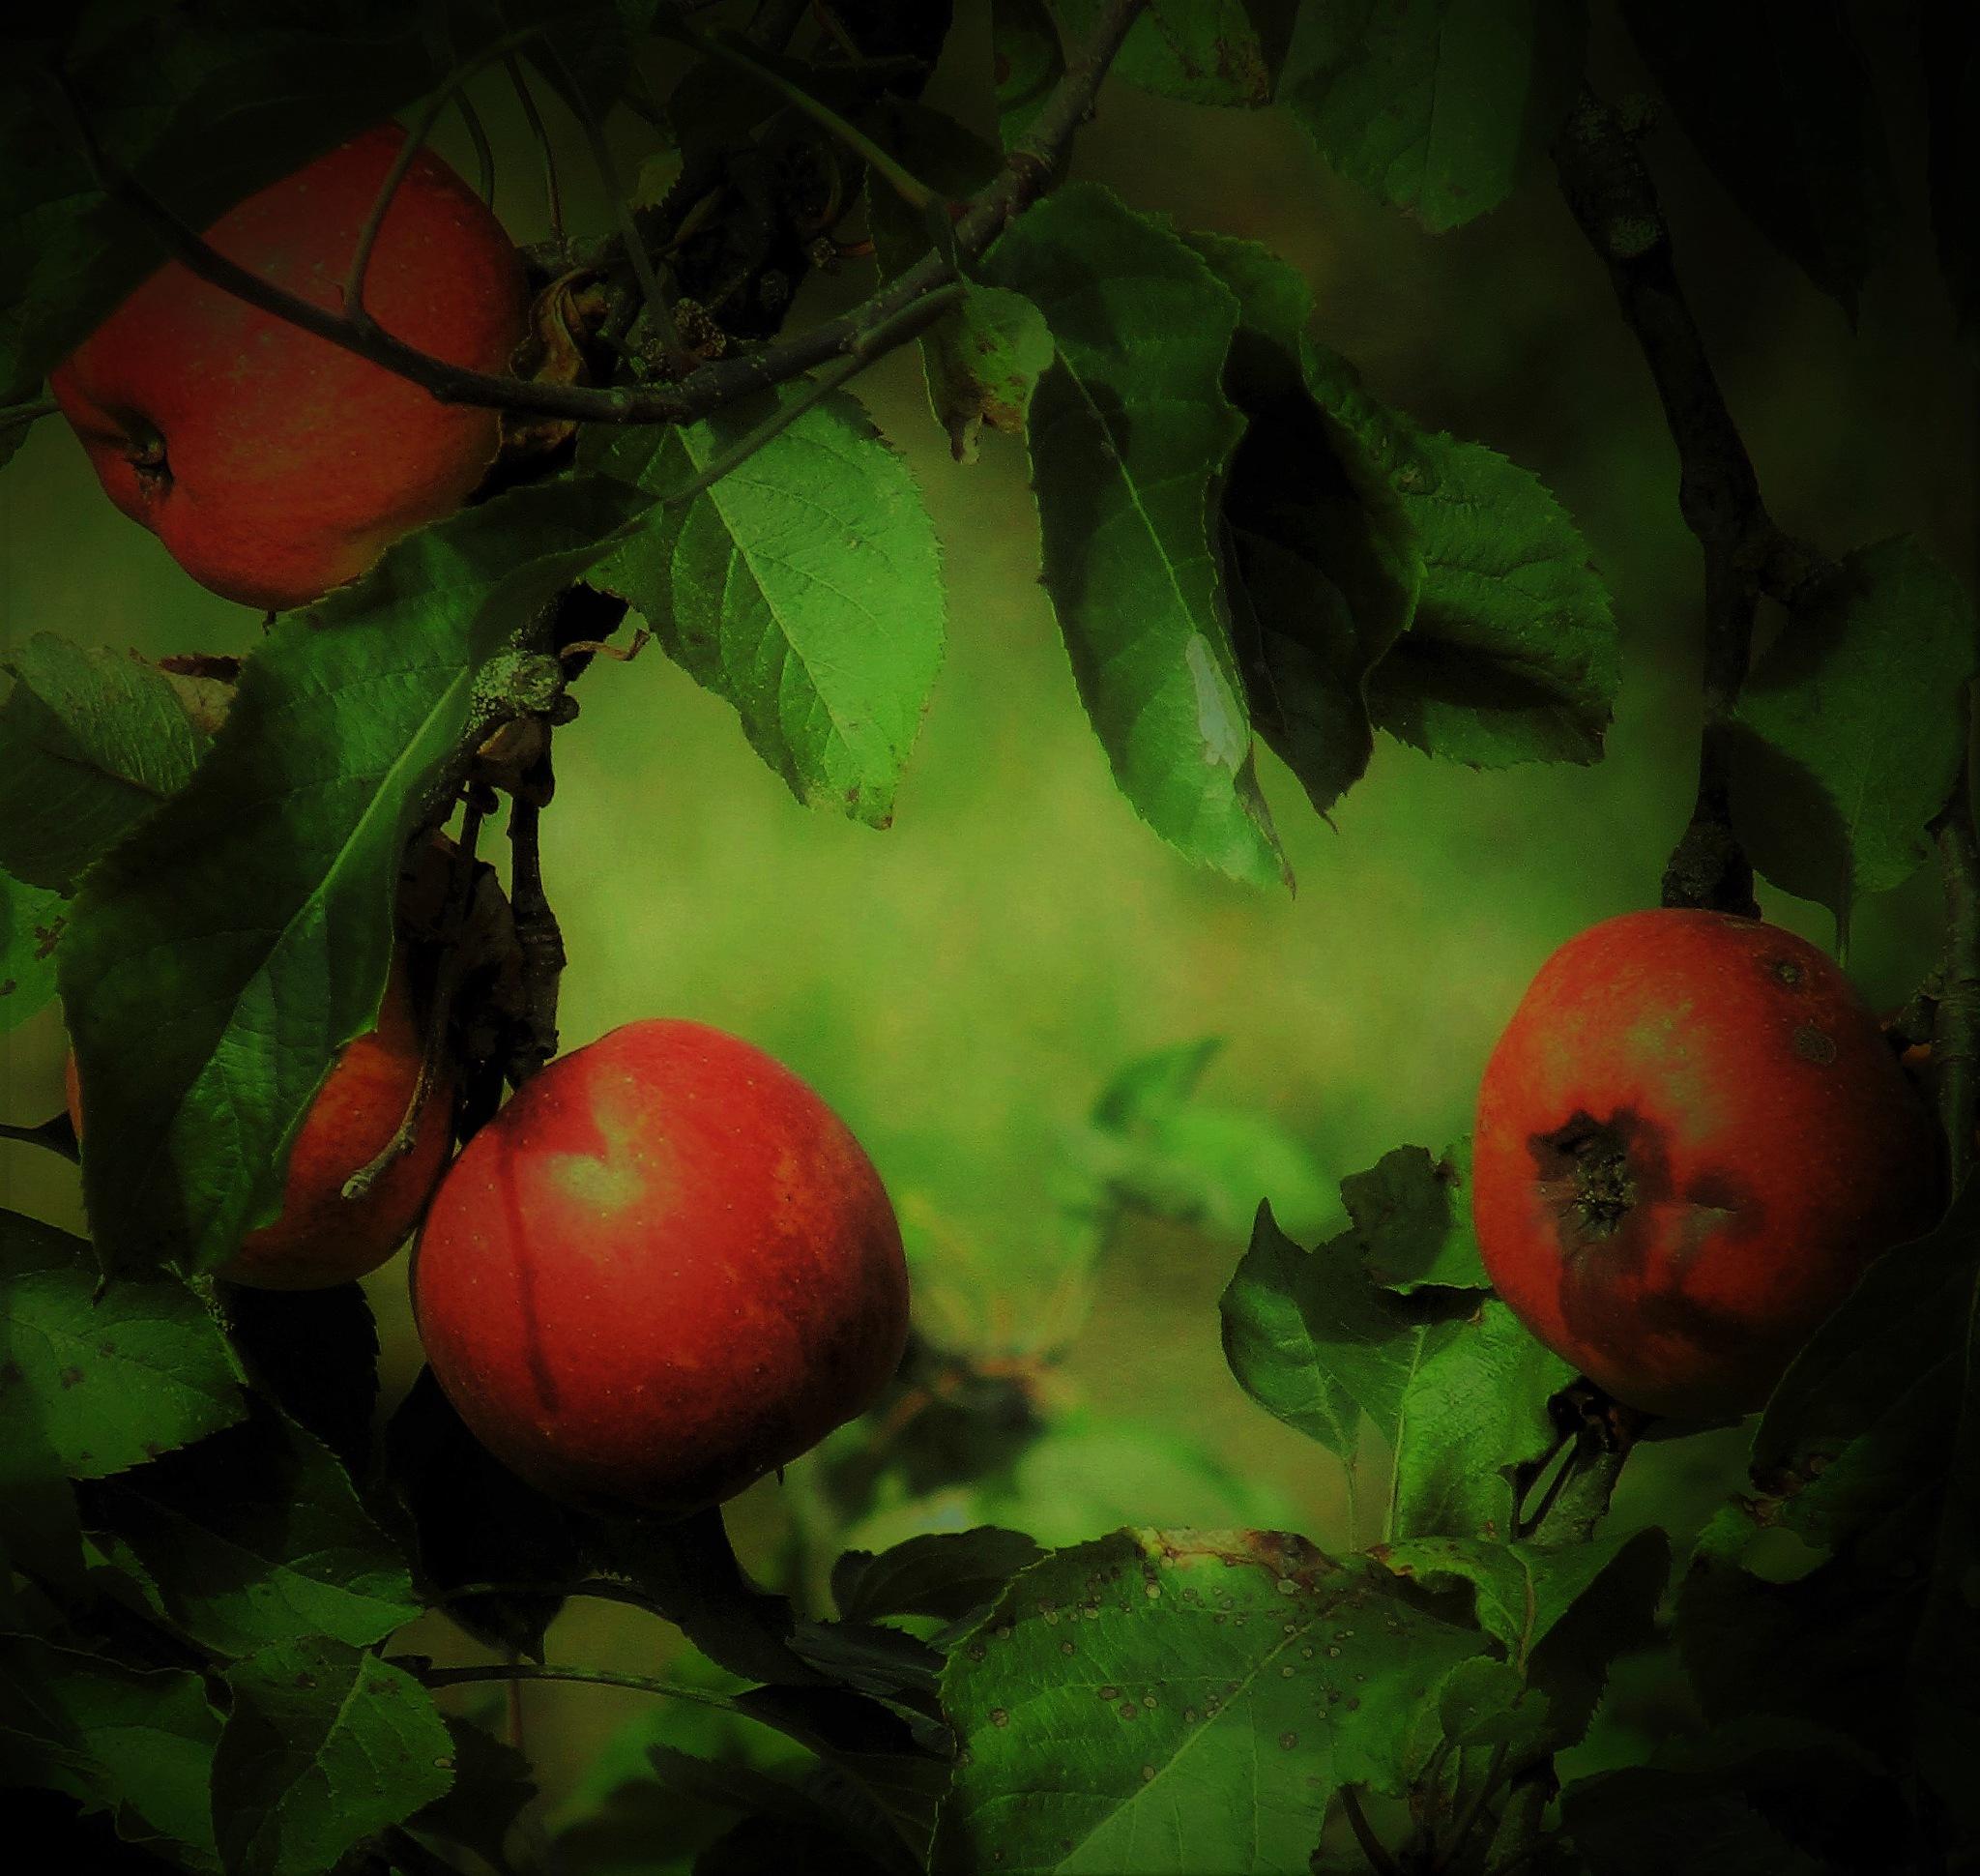 pommes by catherinevigili